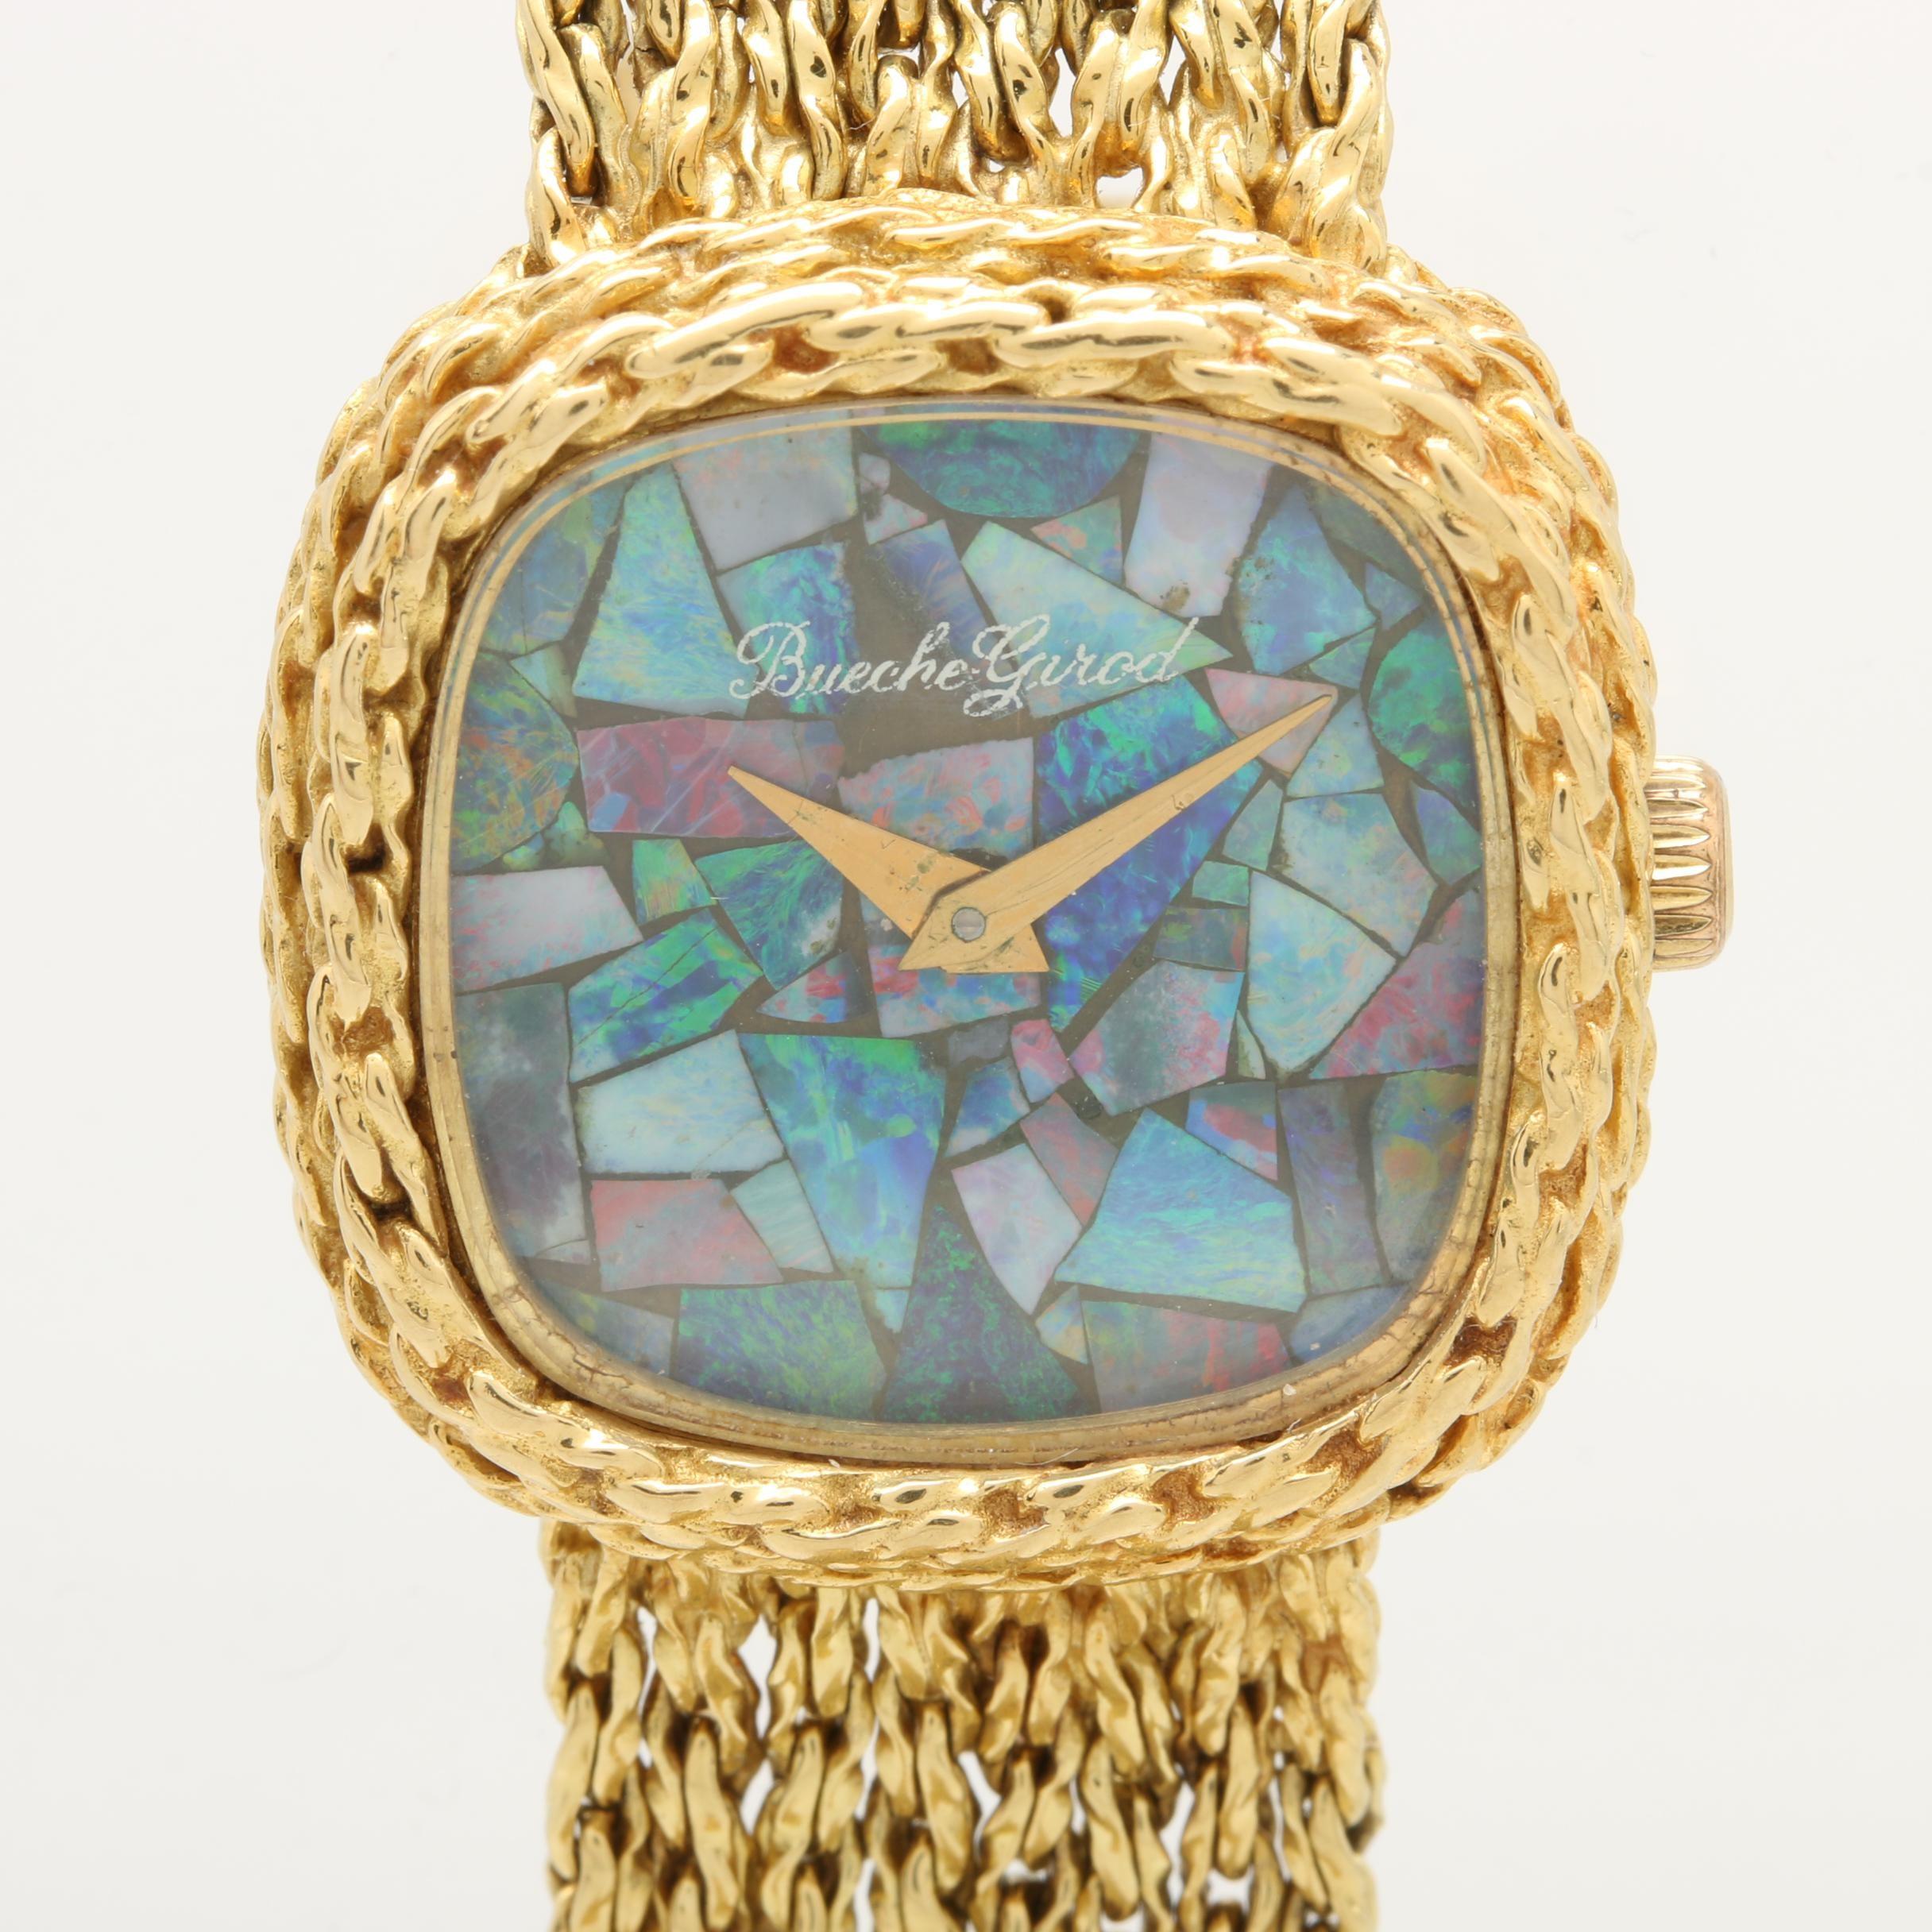 Bueche-Girod 18K Yellow Gold Opal Wristwatch